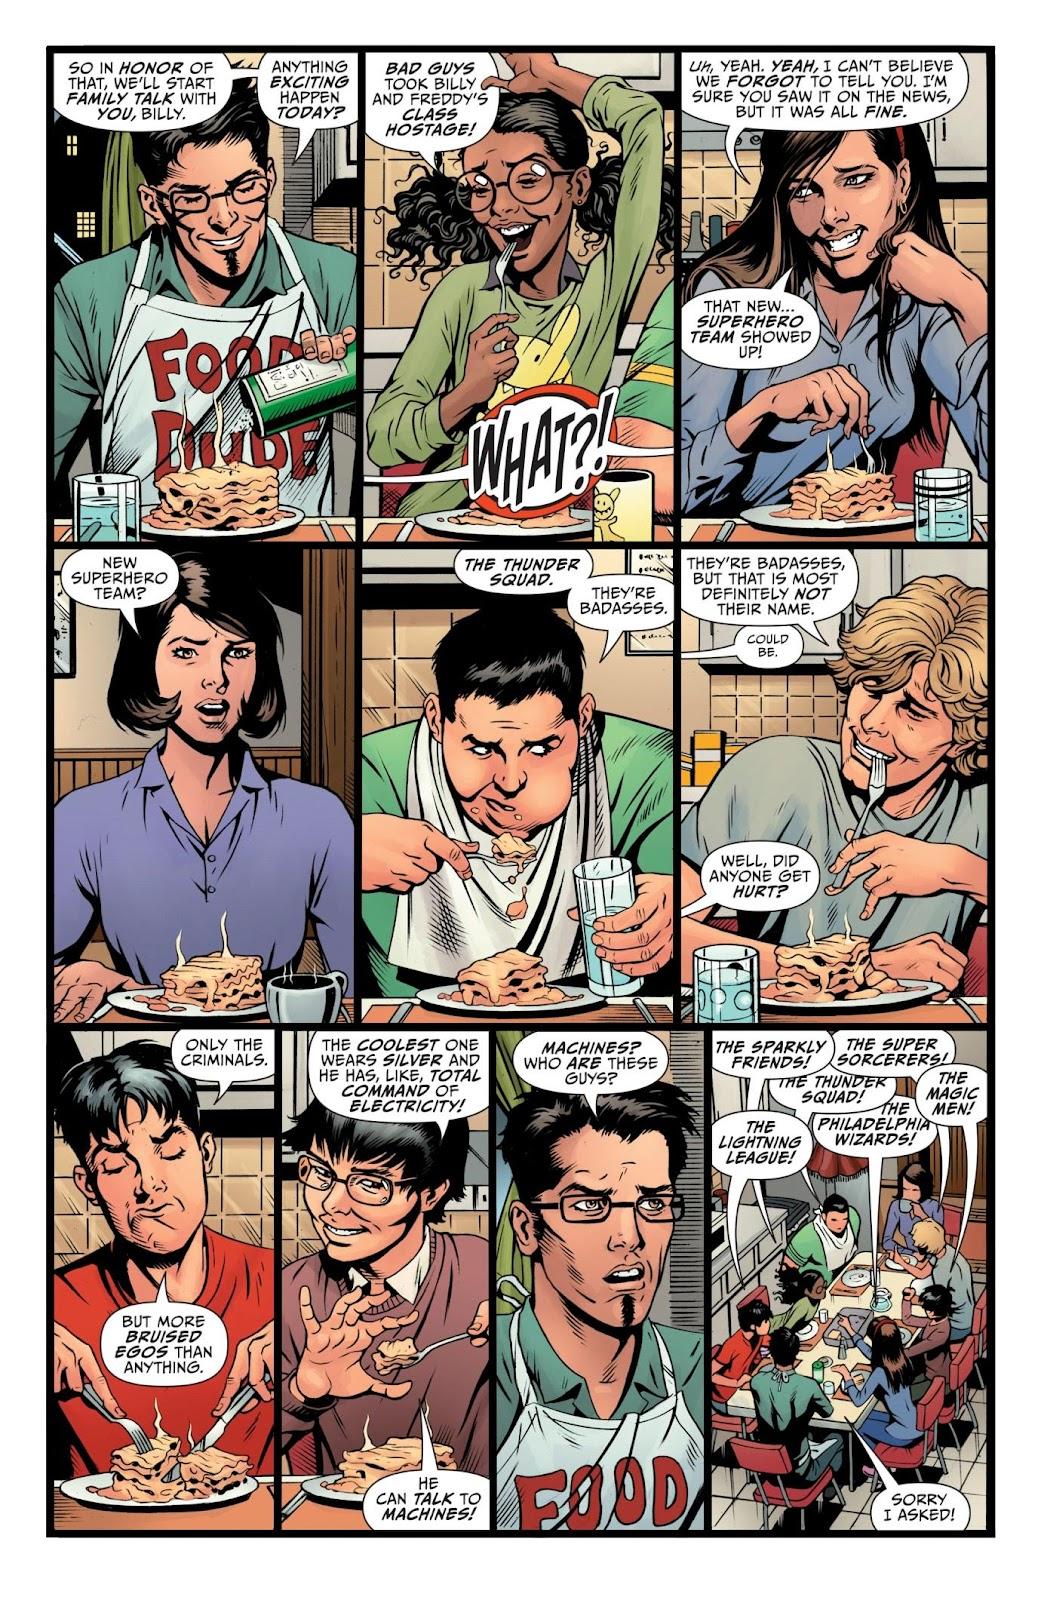 D:\Comics66\Shazam\shazam01\Shazam01pic\Shazam! (2018-) 001-013.jpg